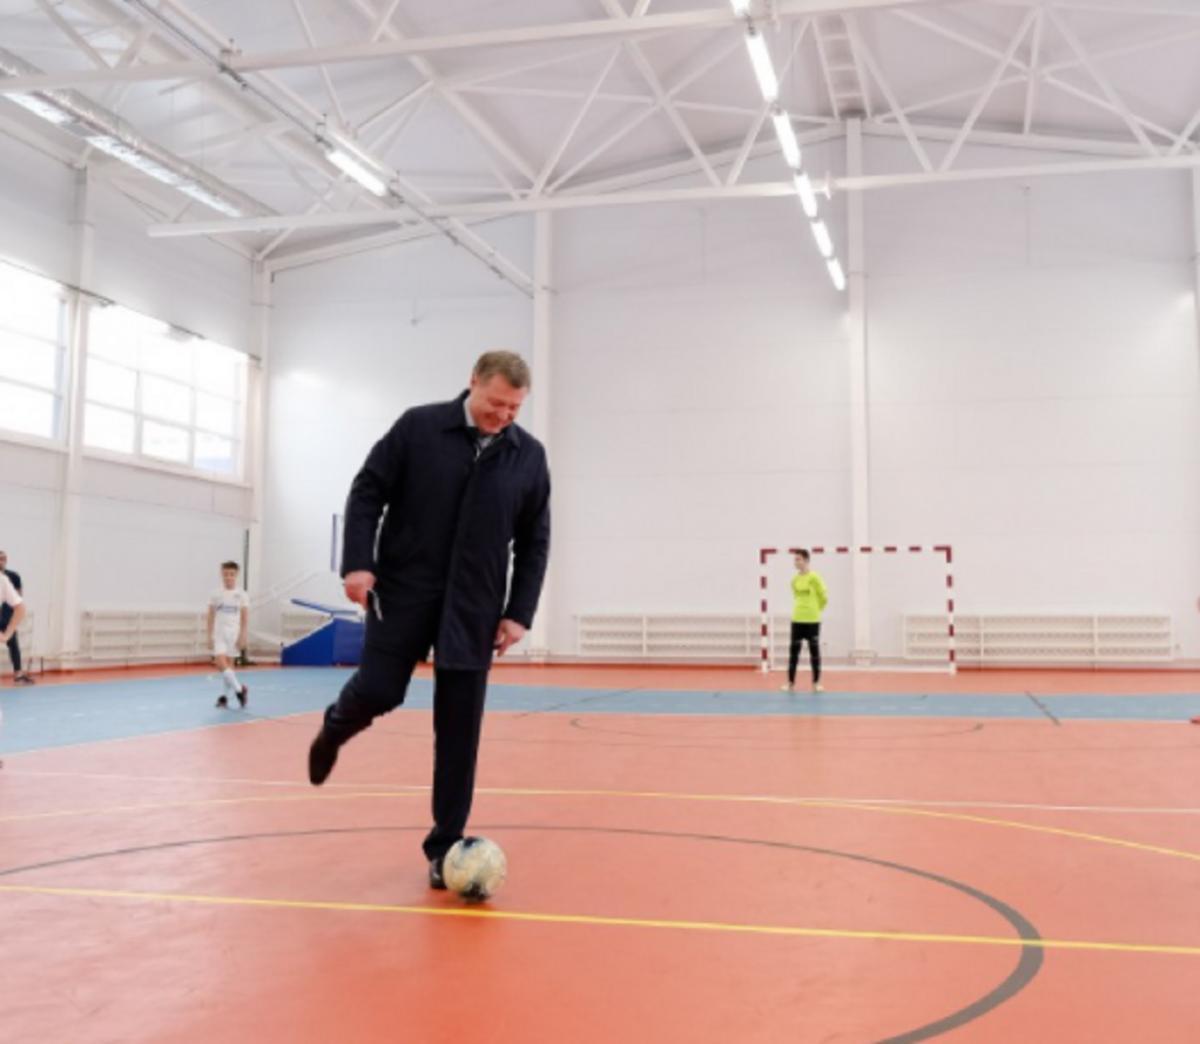 Игорь Бабушкин открыл спортивный центр в Астрахани